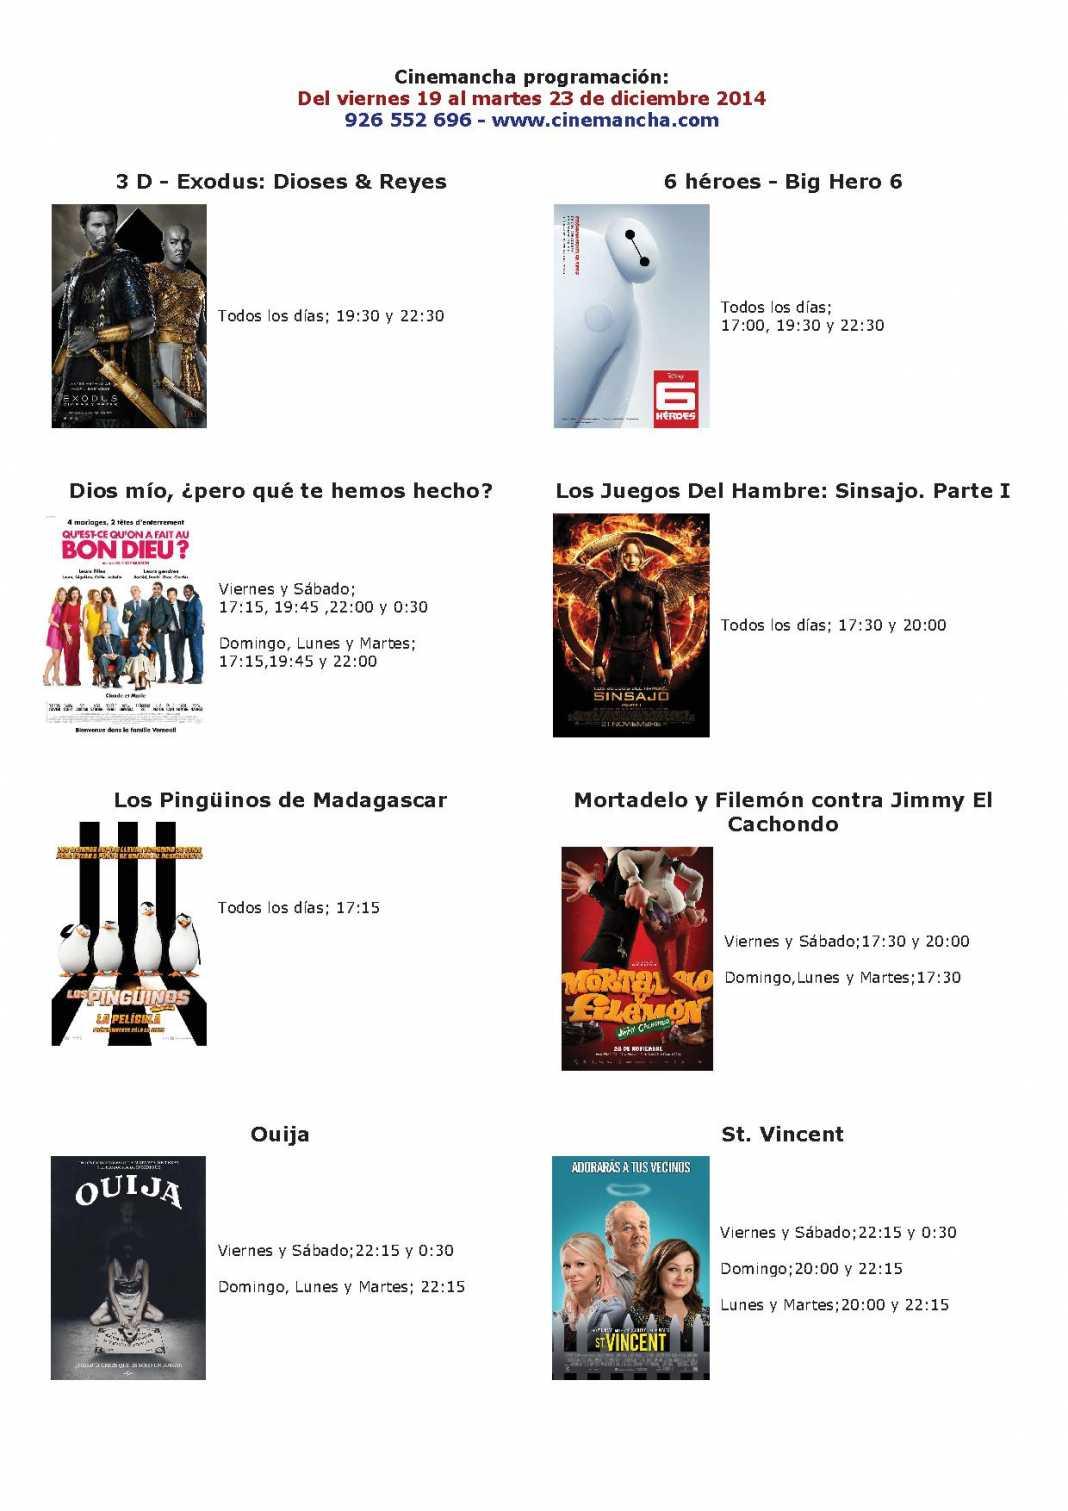 cartelera de cinemancha del 19 al 23 de diciembre 1068x1511 - Cinemancha programación: Del viernes 19 al martes 23 de diciembre 2014